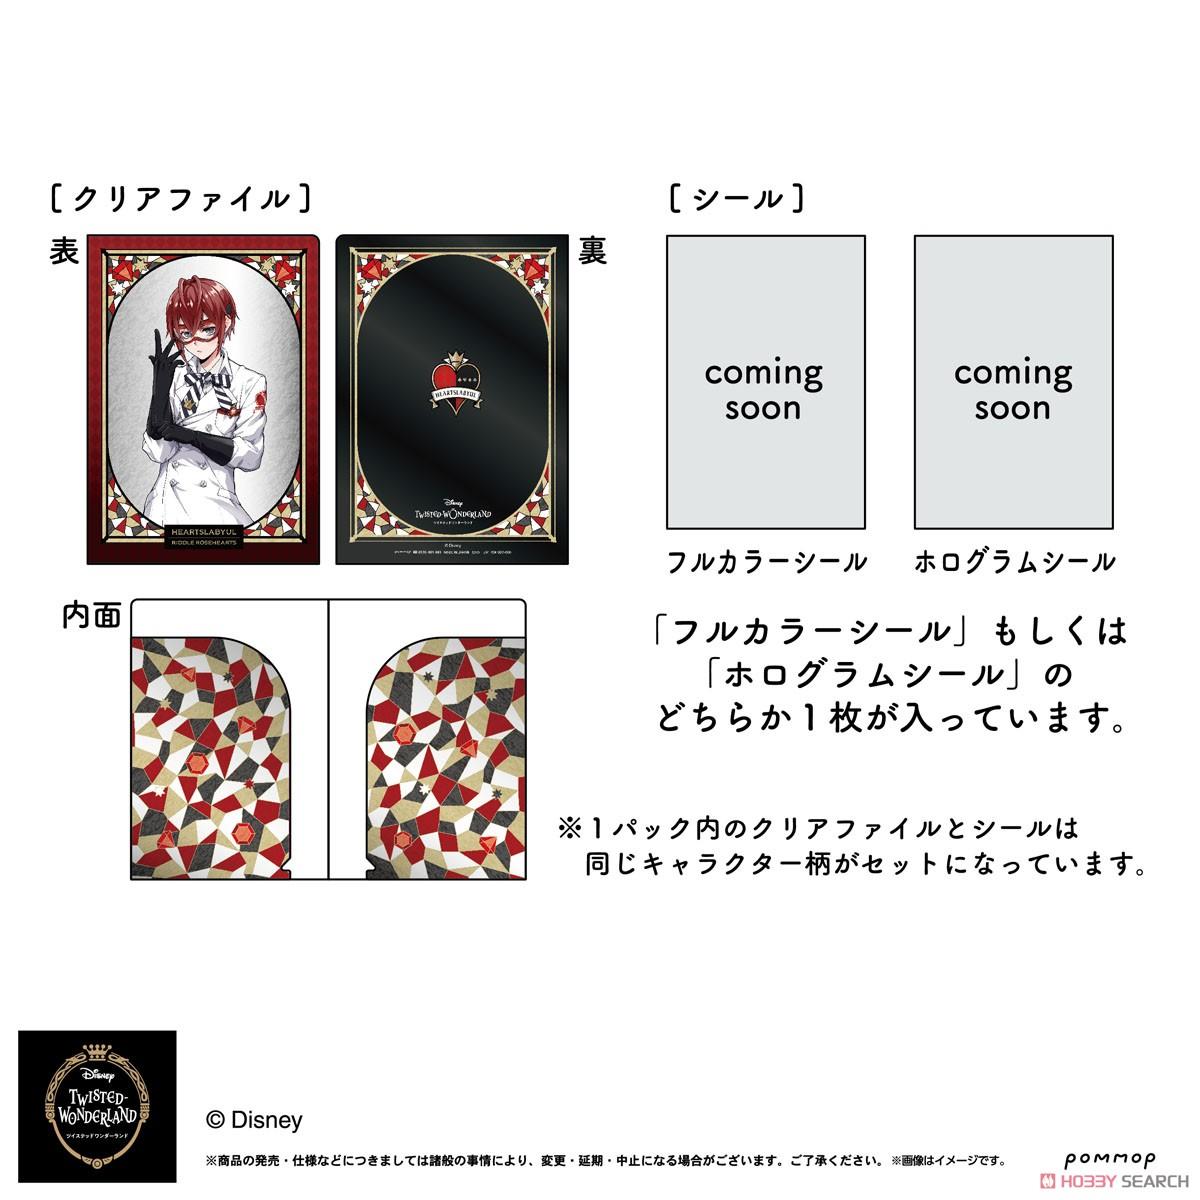 ディズニー ツイステッドワンダーランド『A5ダブルクリアファイルコレクション A』11個入りBOX-025